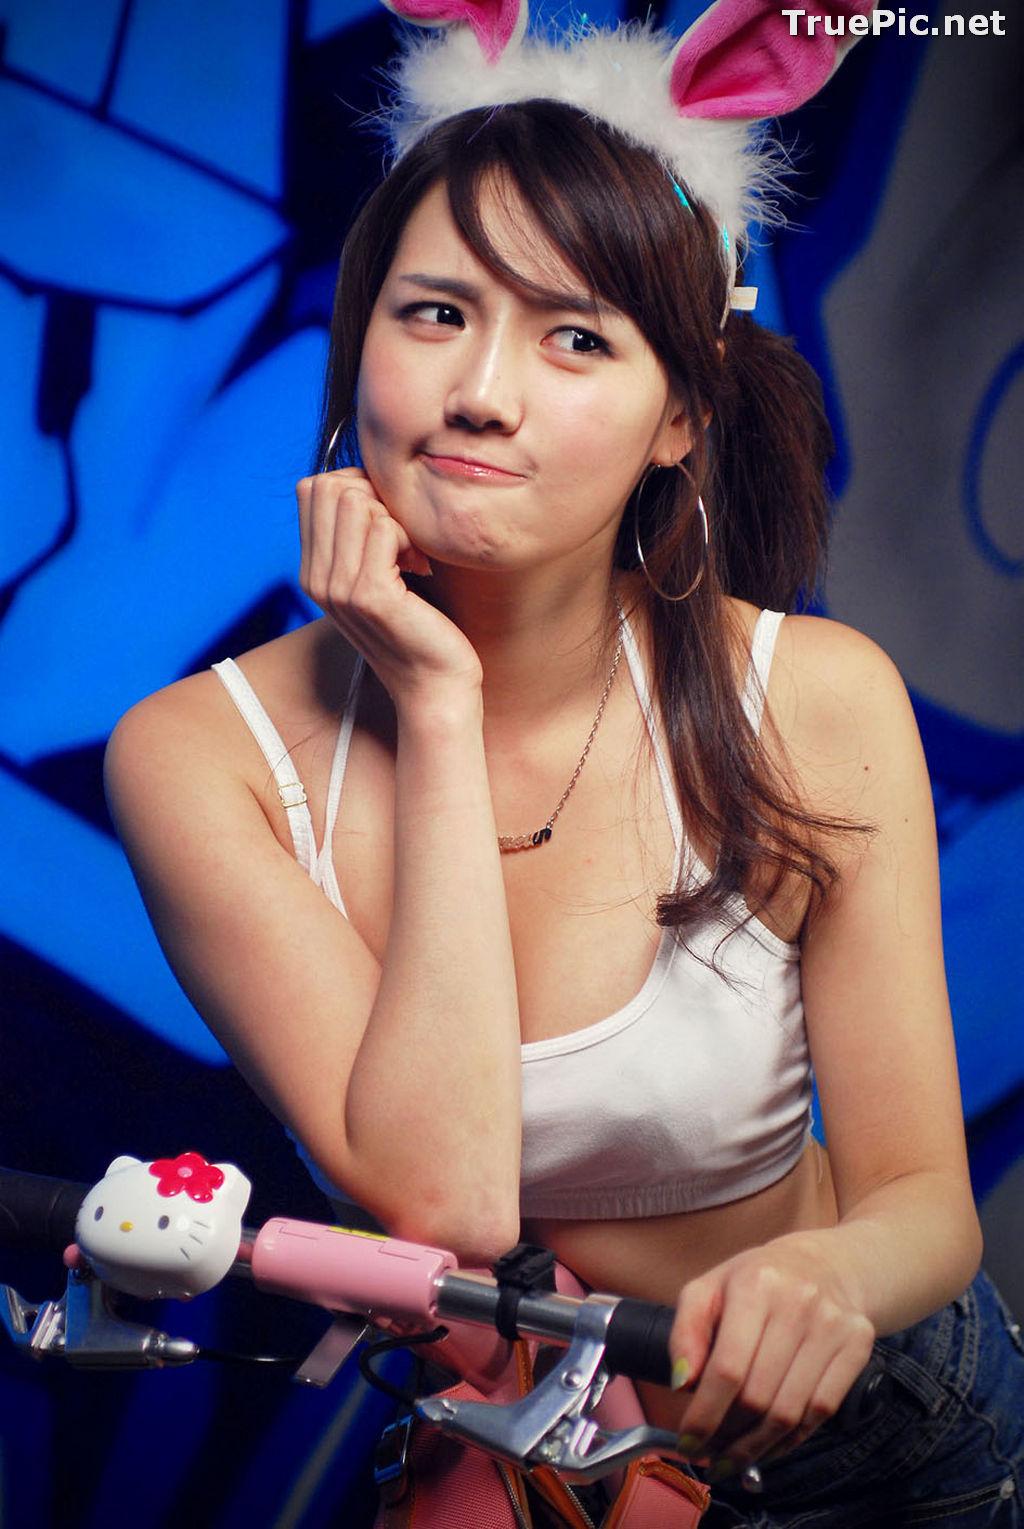 Image Best Beautiful Images Of Korean Racing Queen Han Ga Eun #4 - TruePic.net - Picture-5